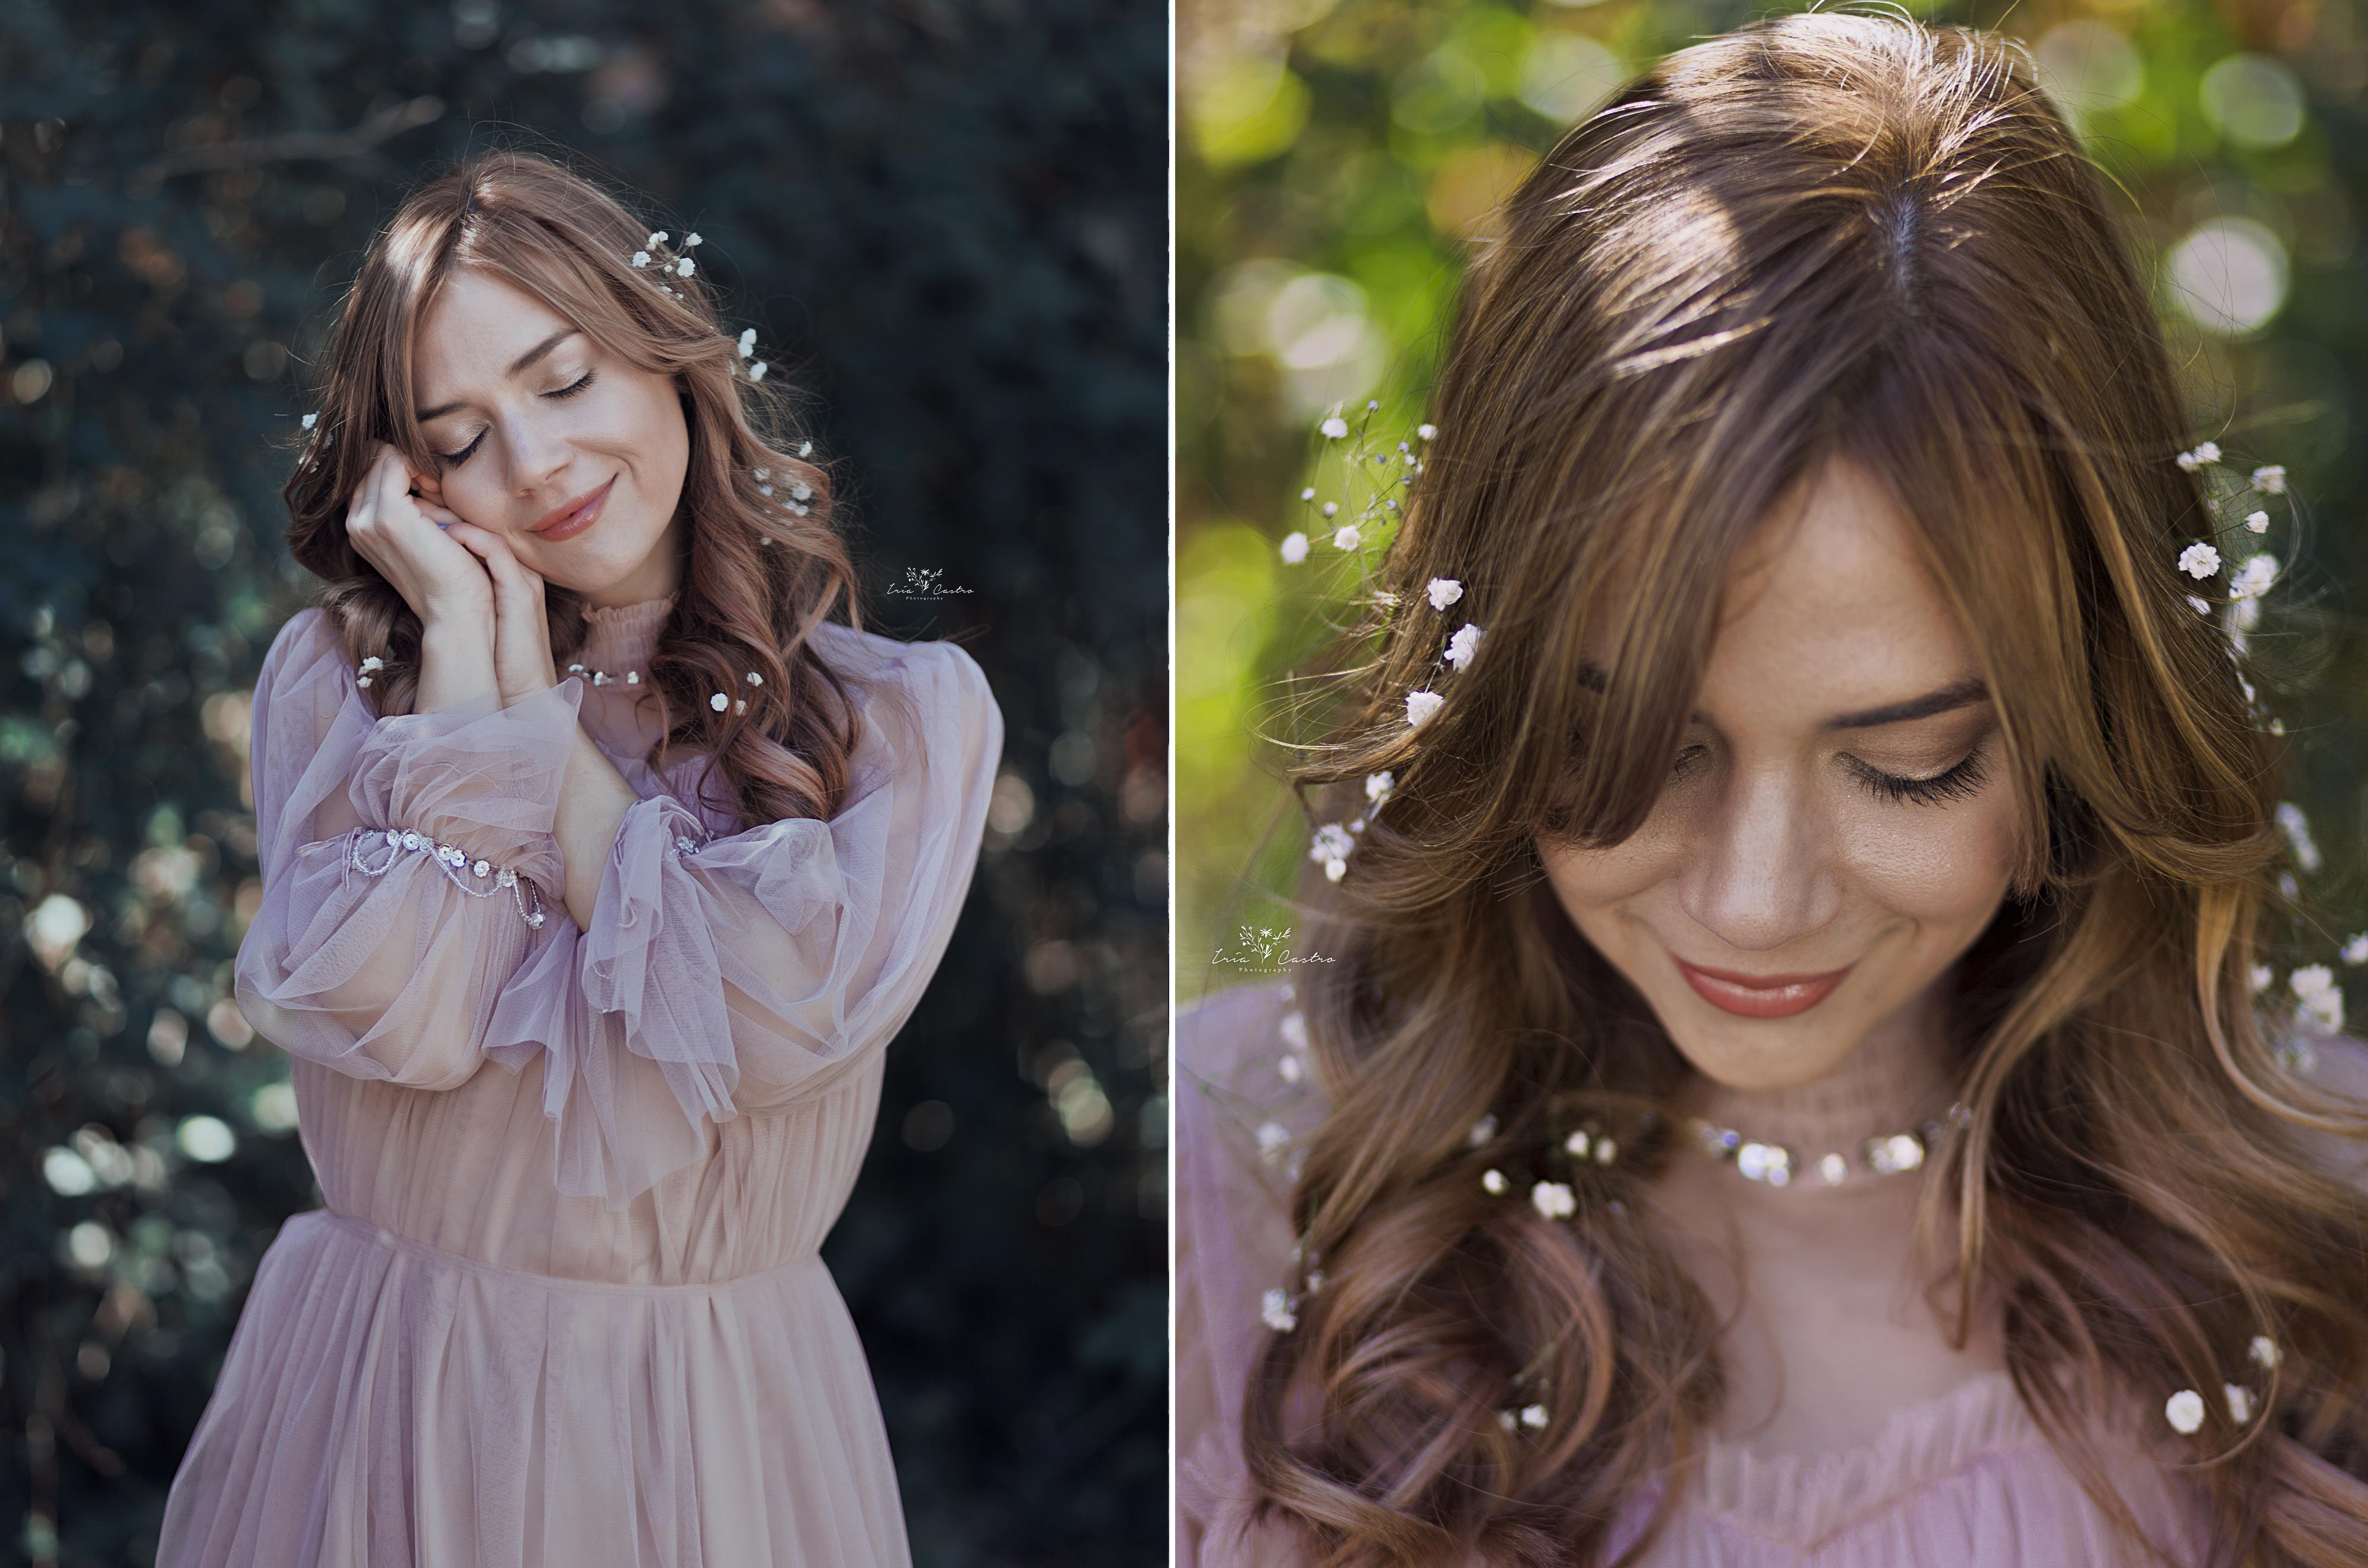 Vestidos-romanticos-blog-de-moda-ChicAdicta-influencer-espana-Chic-Adicta-Iria-castro-photo-PiensaenChic-look-primavera-Piensa-en-Chic